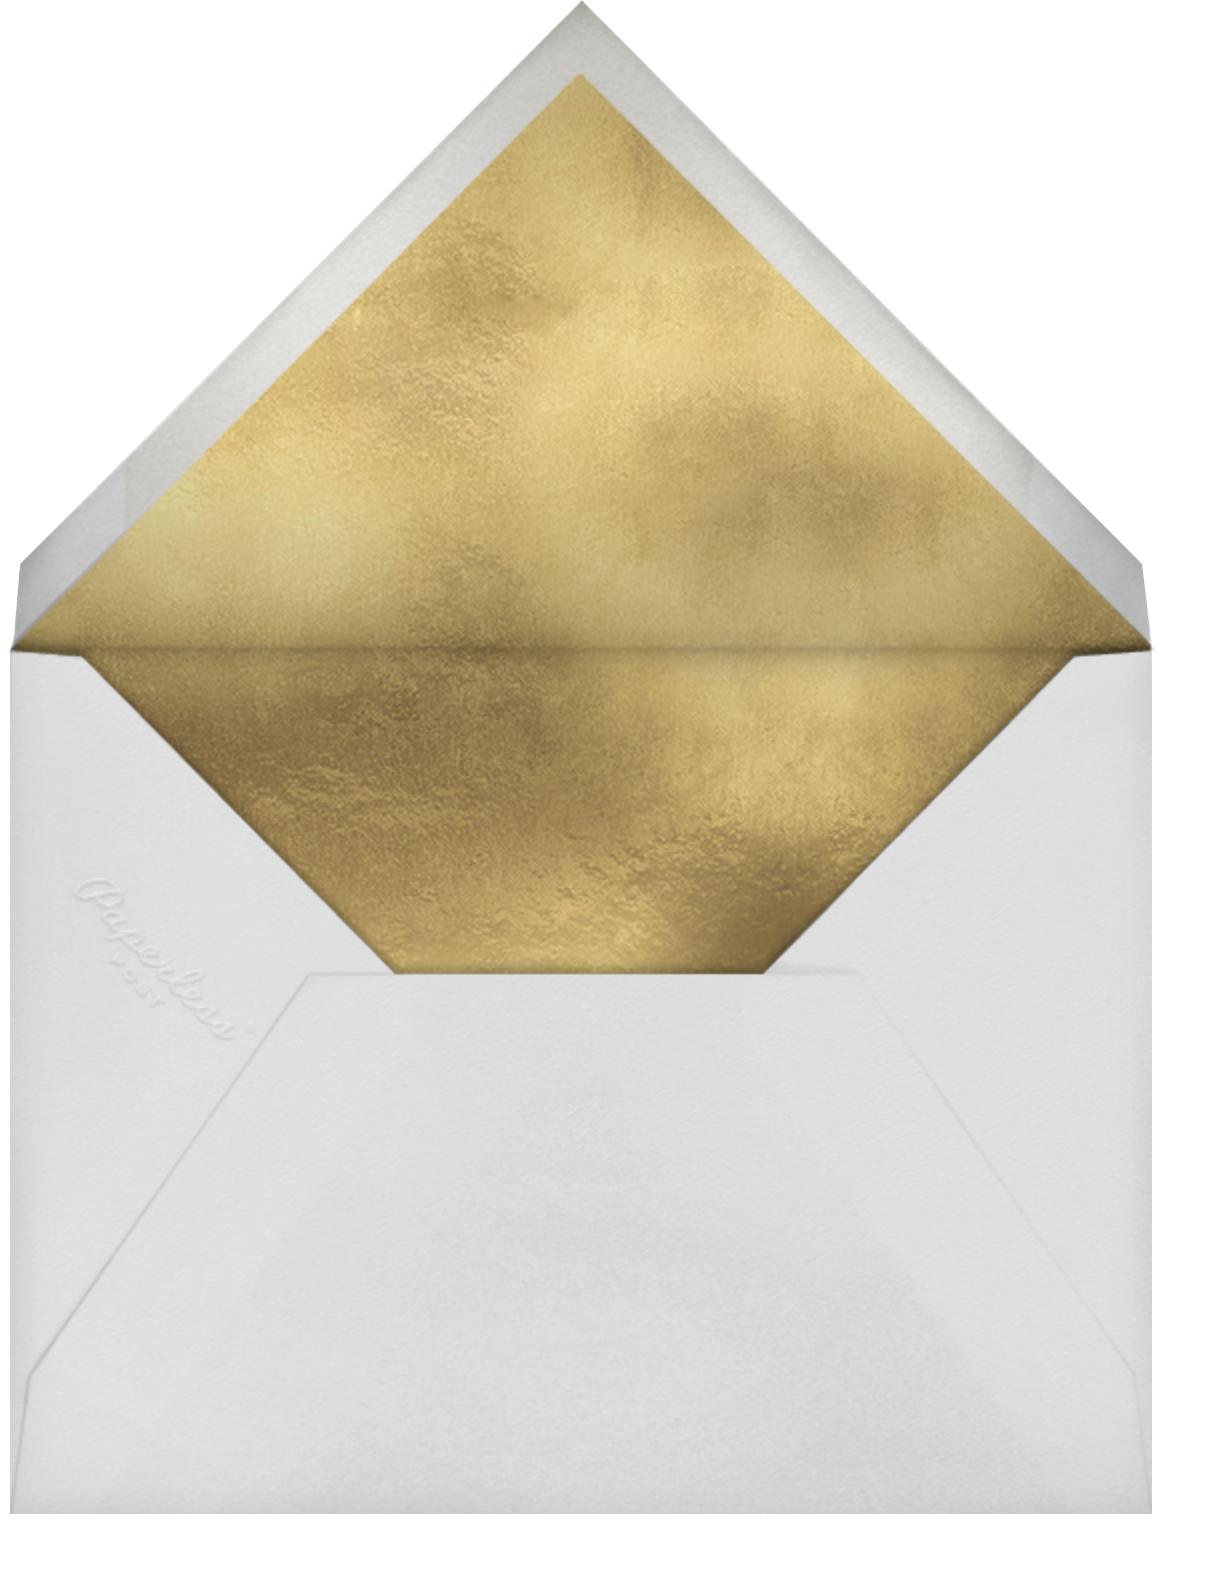 Chronology (Invitation) - White - Paperless Post - All - envelope back